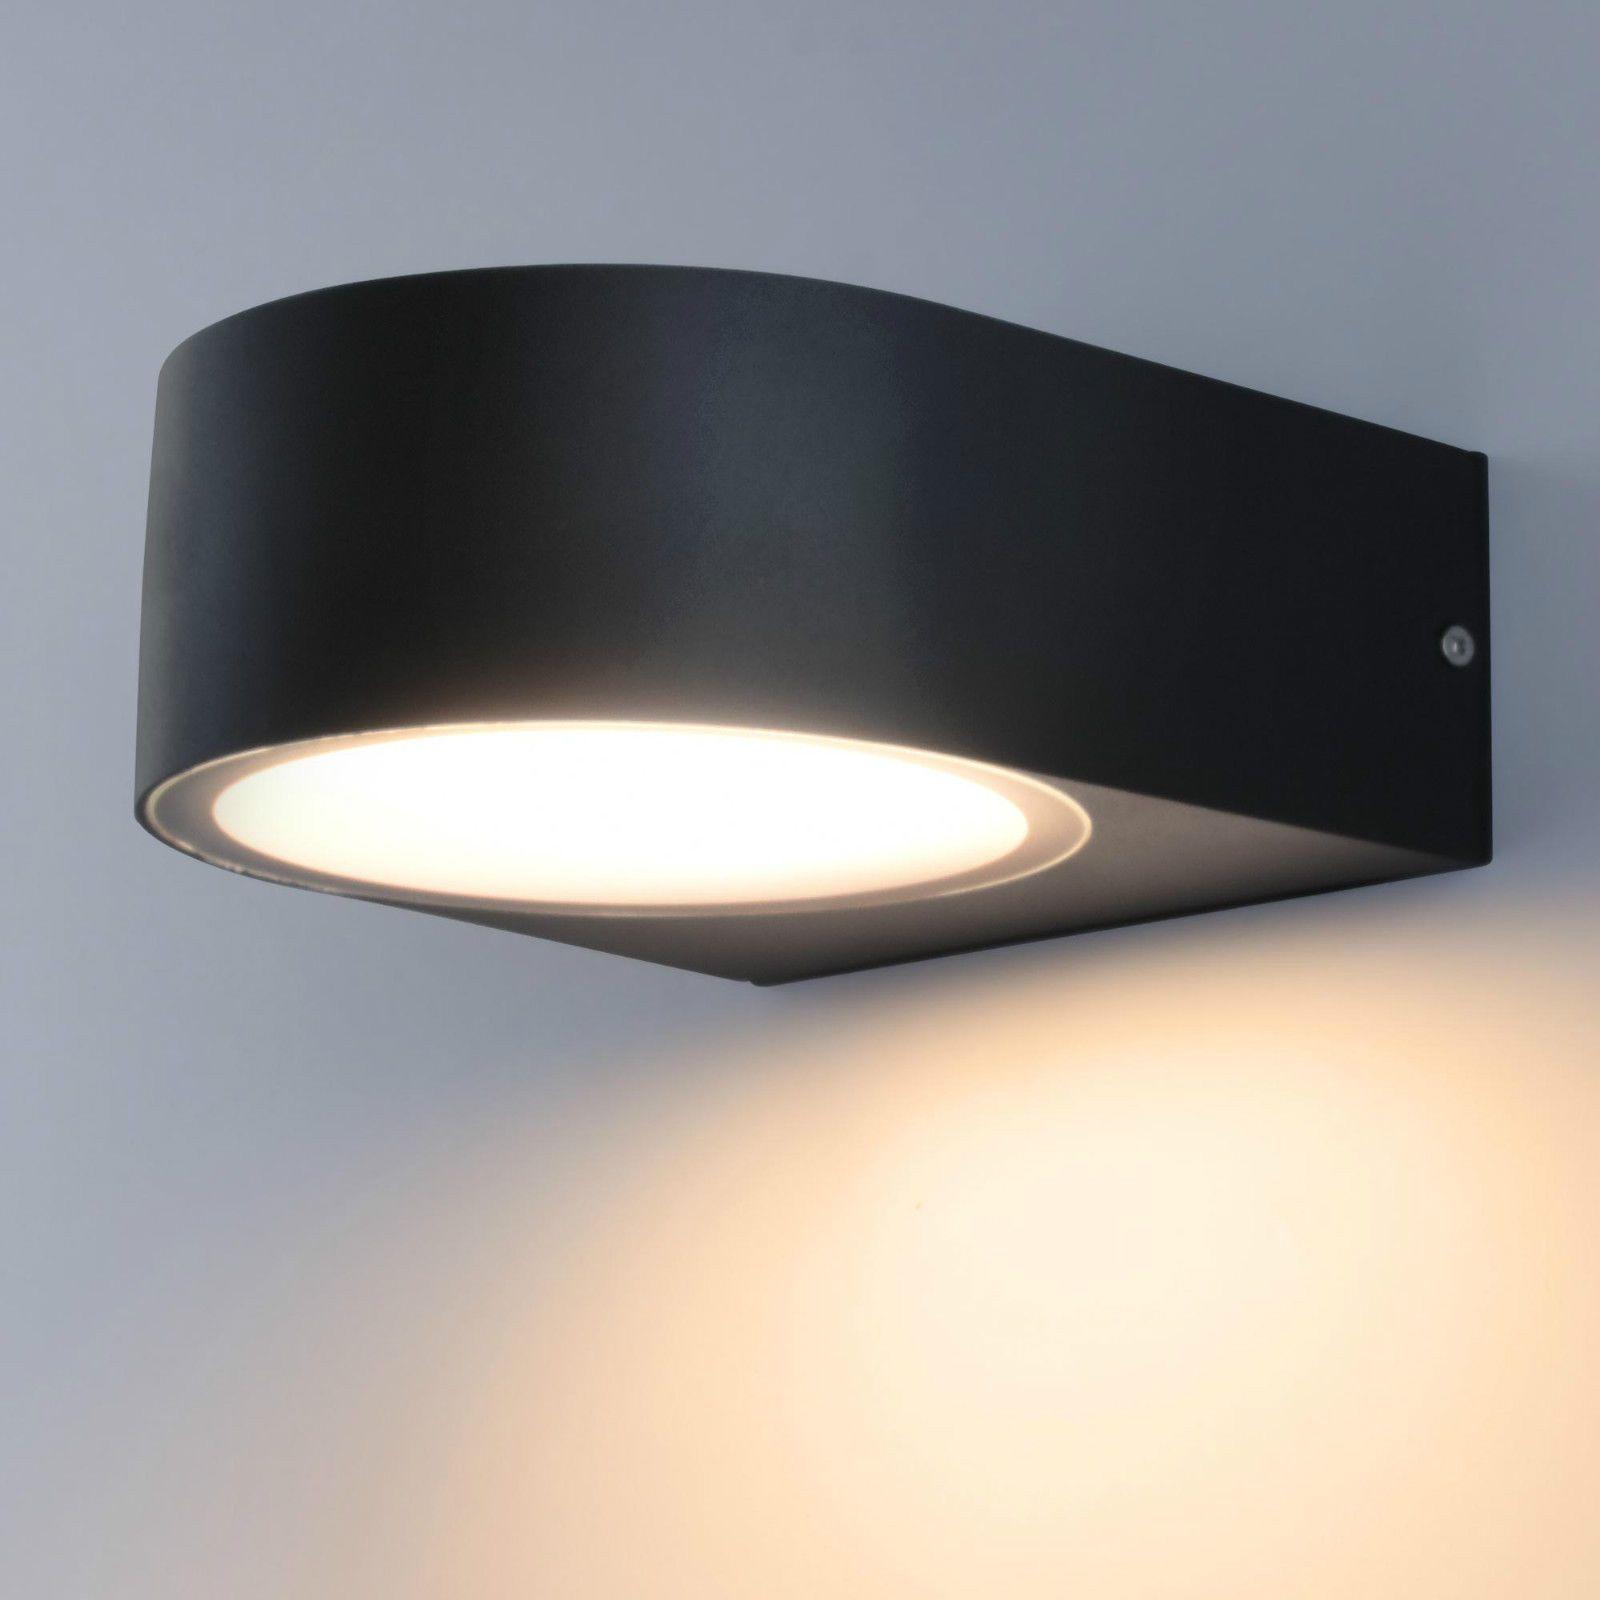 Details zu MAXKOMFORT Außenleuchte E27 Außenwandlampe 1435 Wandleuchte Wandlampe Lampe